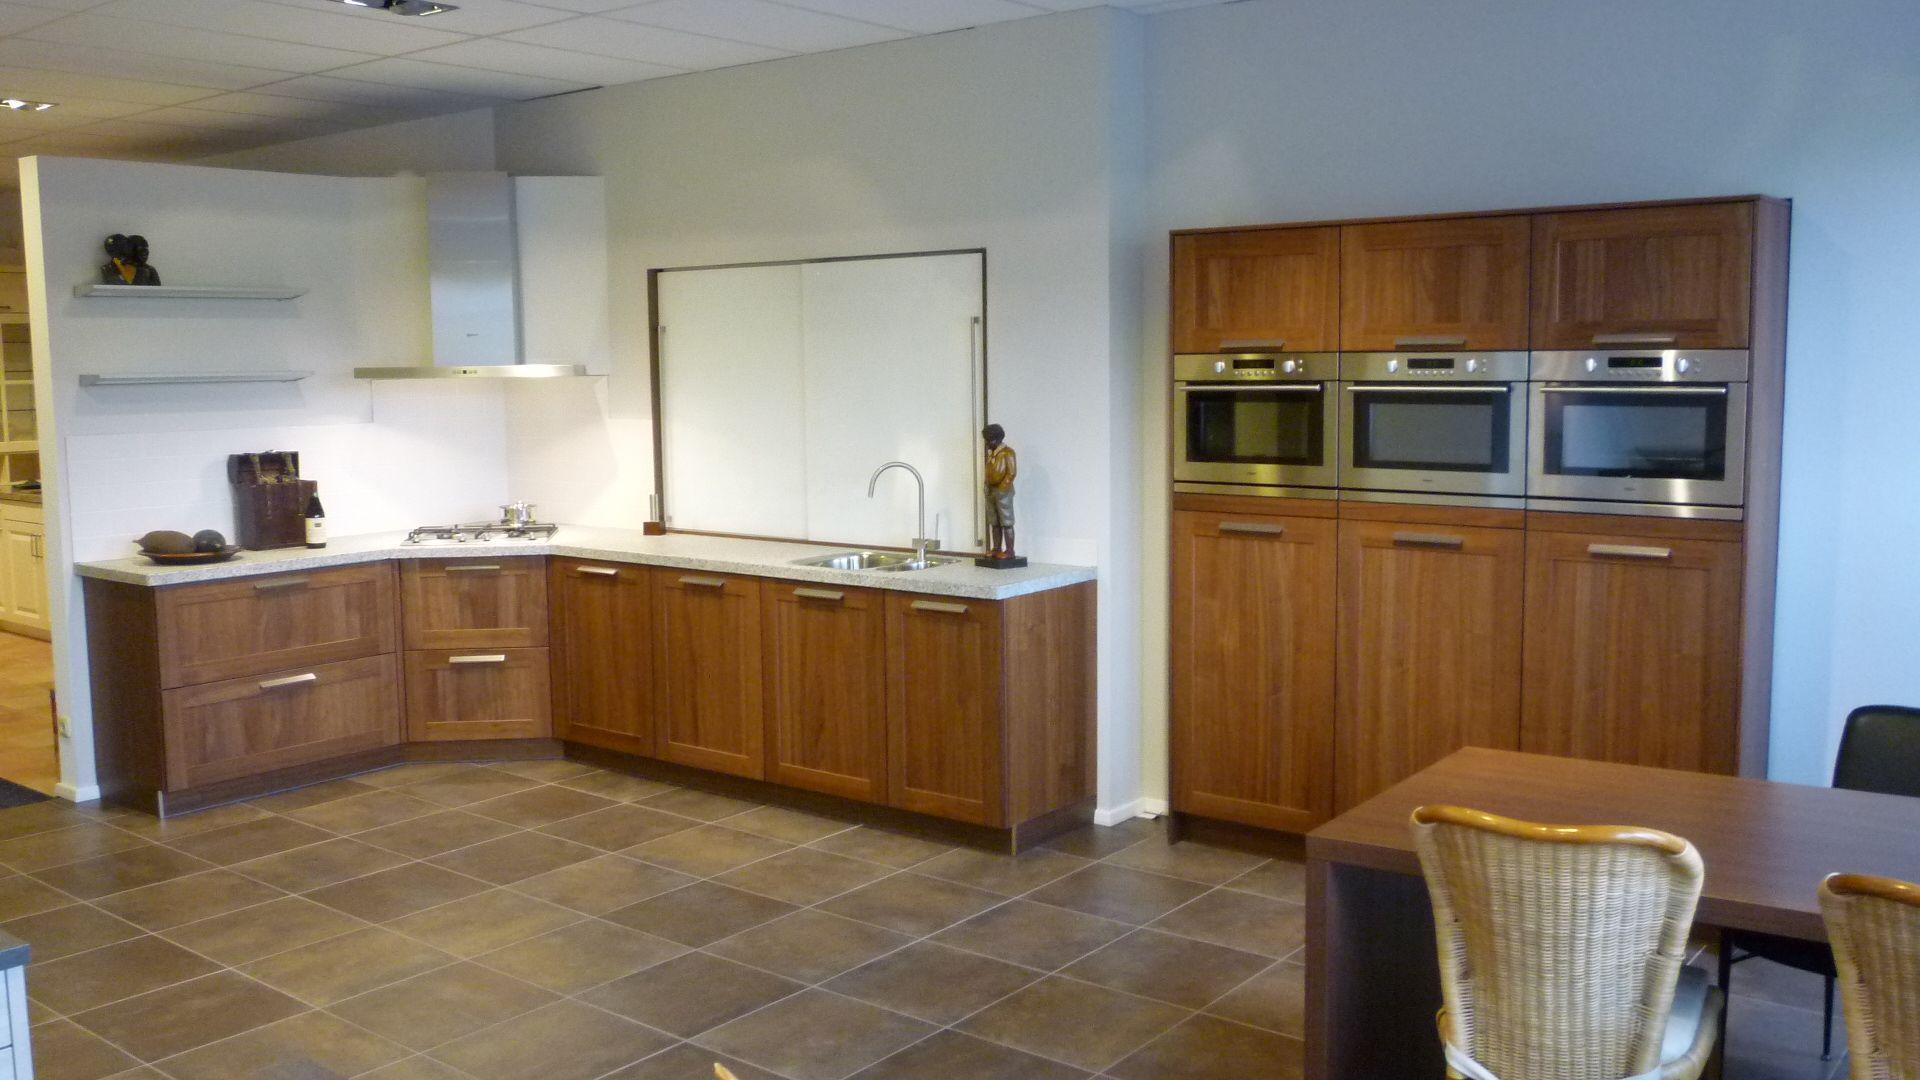 ... lage keuken prijzen  Noten hout keuken met granieten blad. [49341